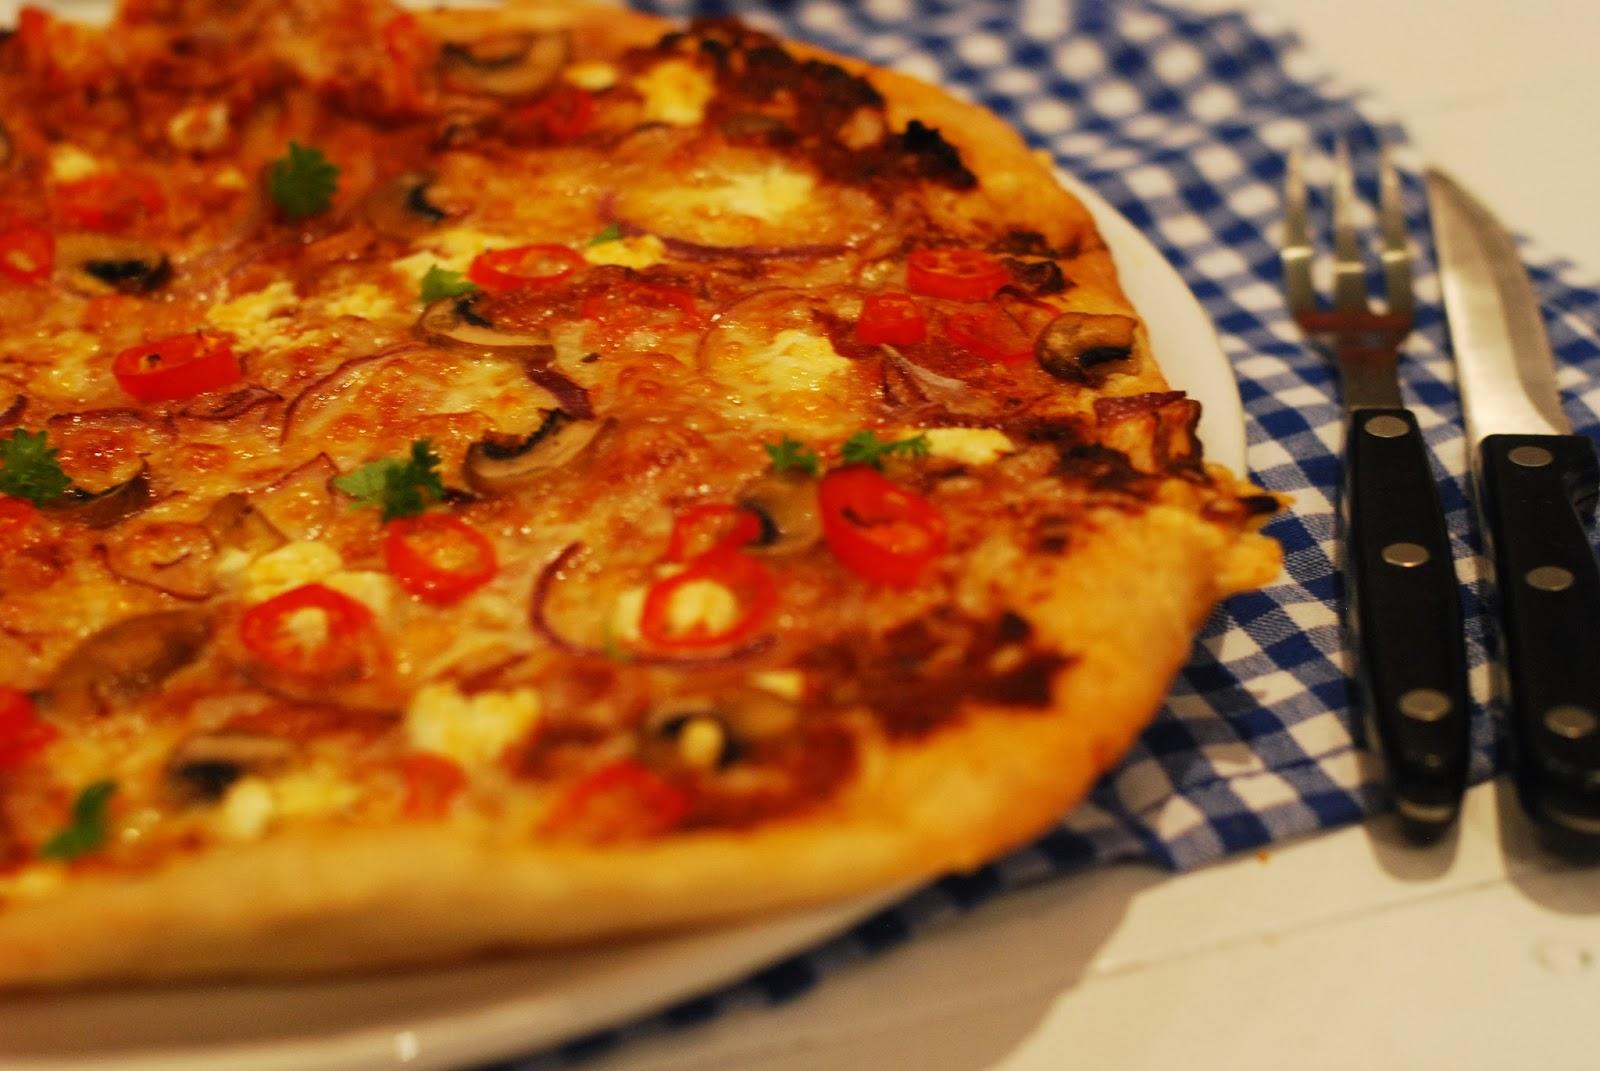 http://www.lilliansmatblogg.no/2014/02/italiensk-pizza-med-pesto-rosso-og.html